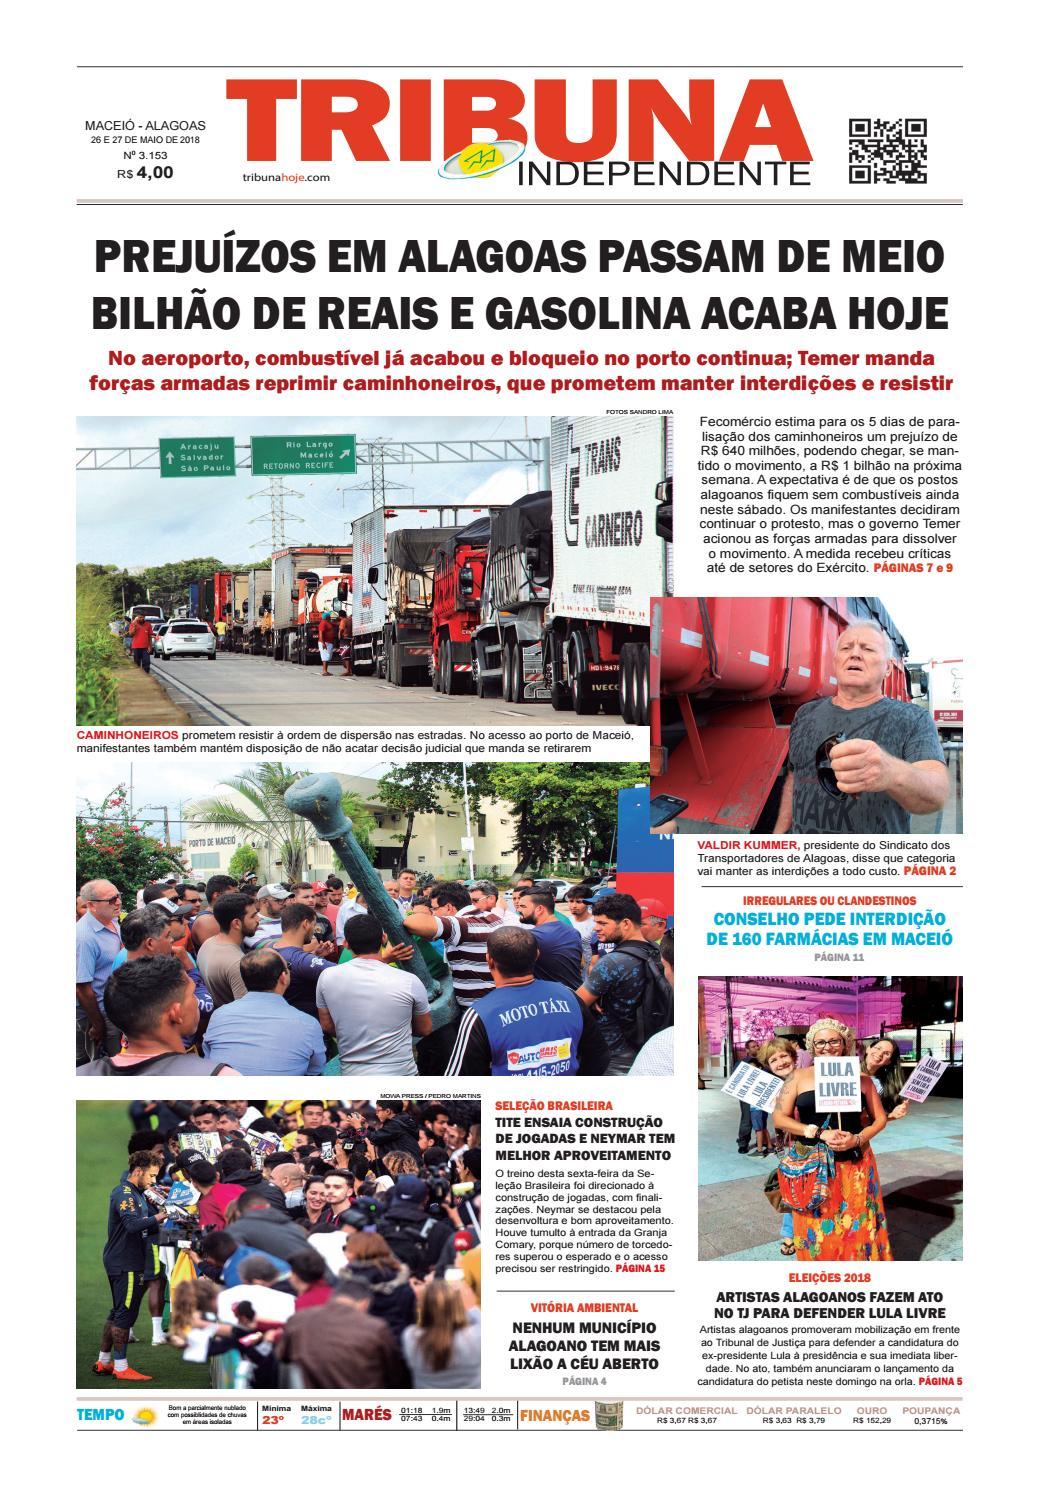 cda9c2dec0b20 Edição número 3153 - 26 e 27 de maio de 2018 by Tribuna Hoje - issuu